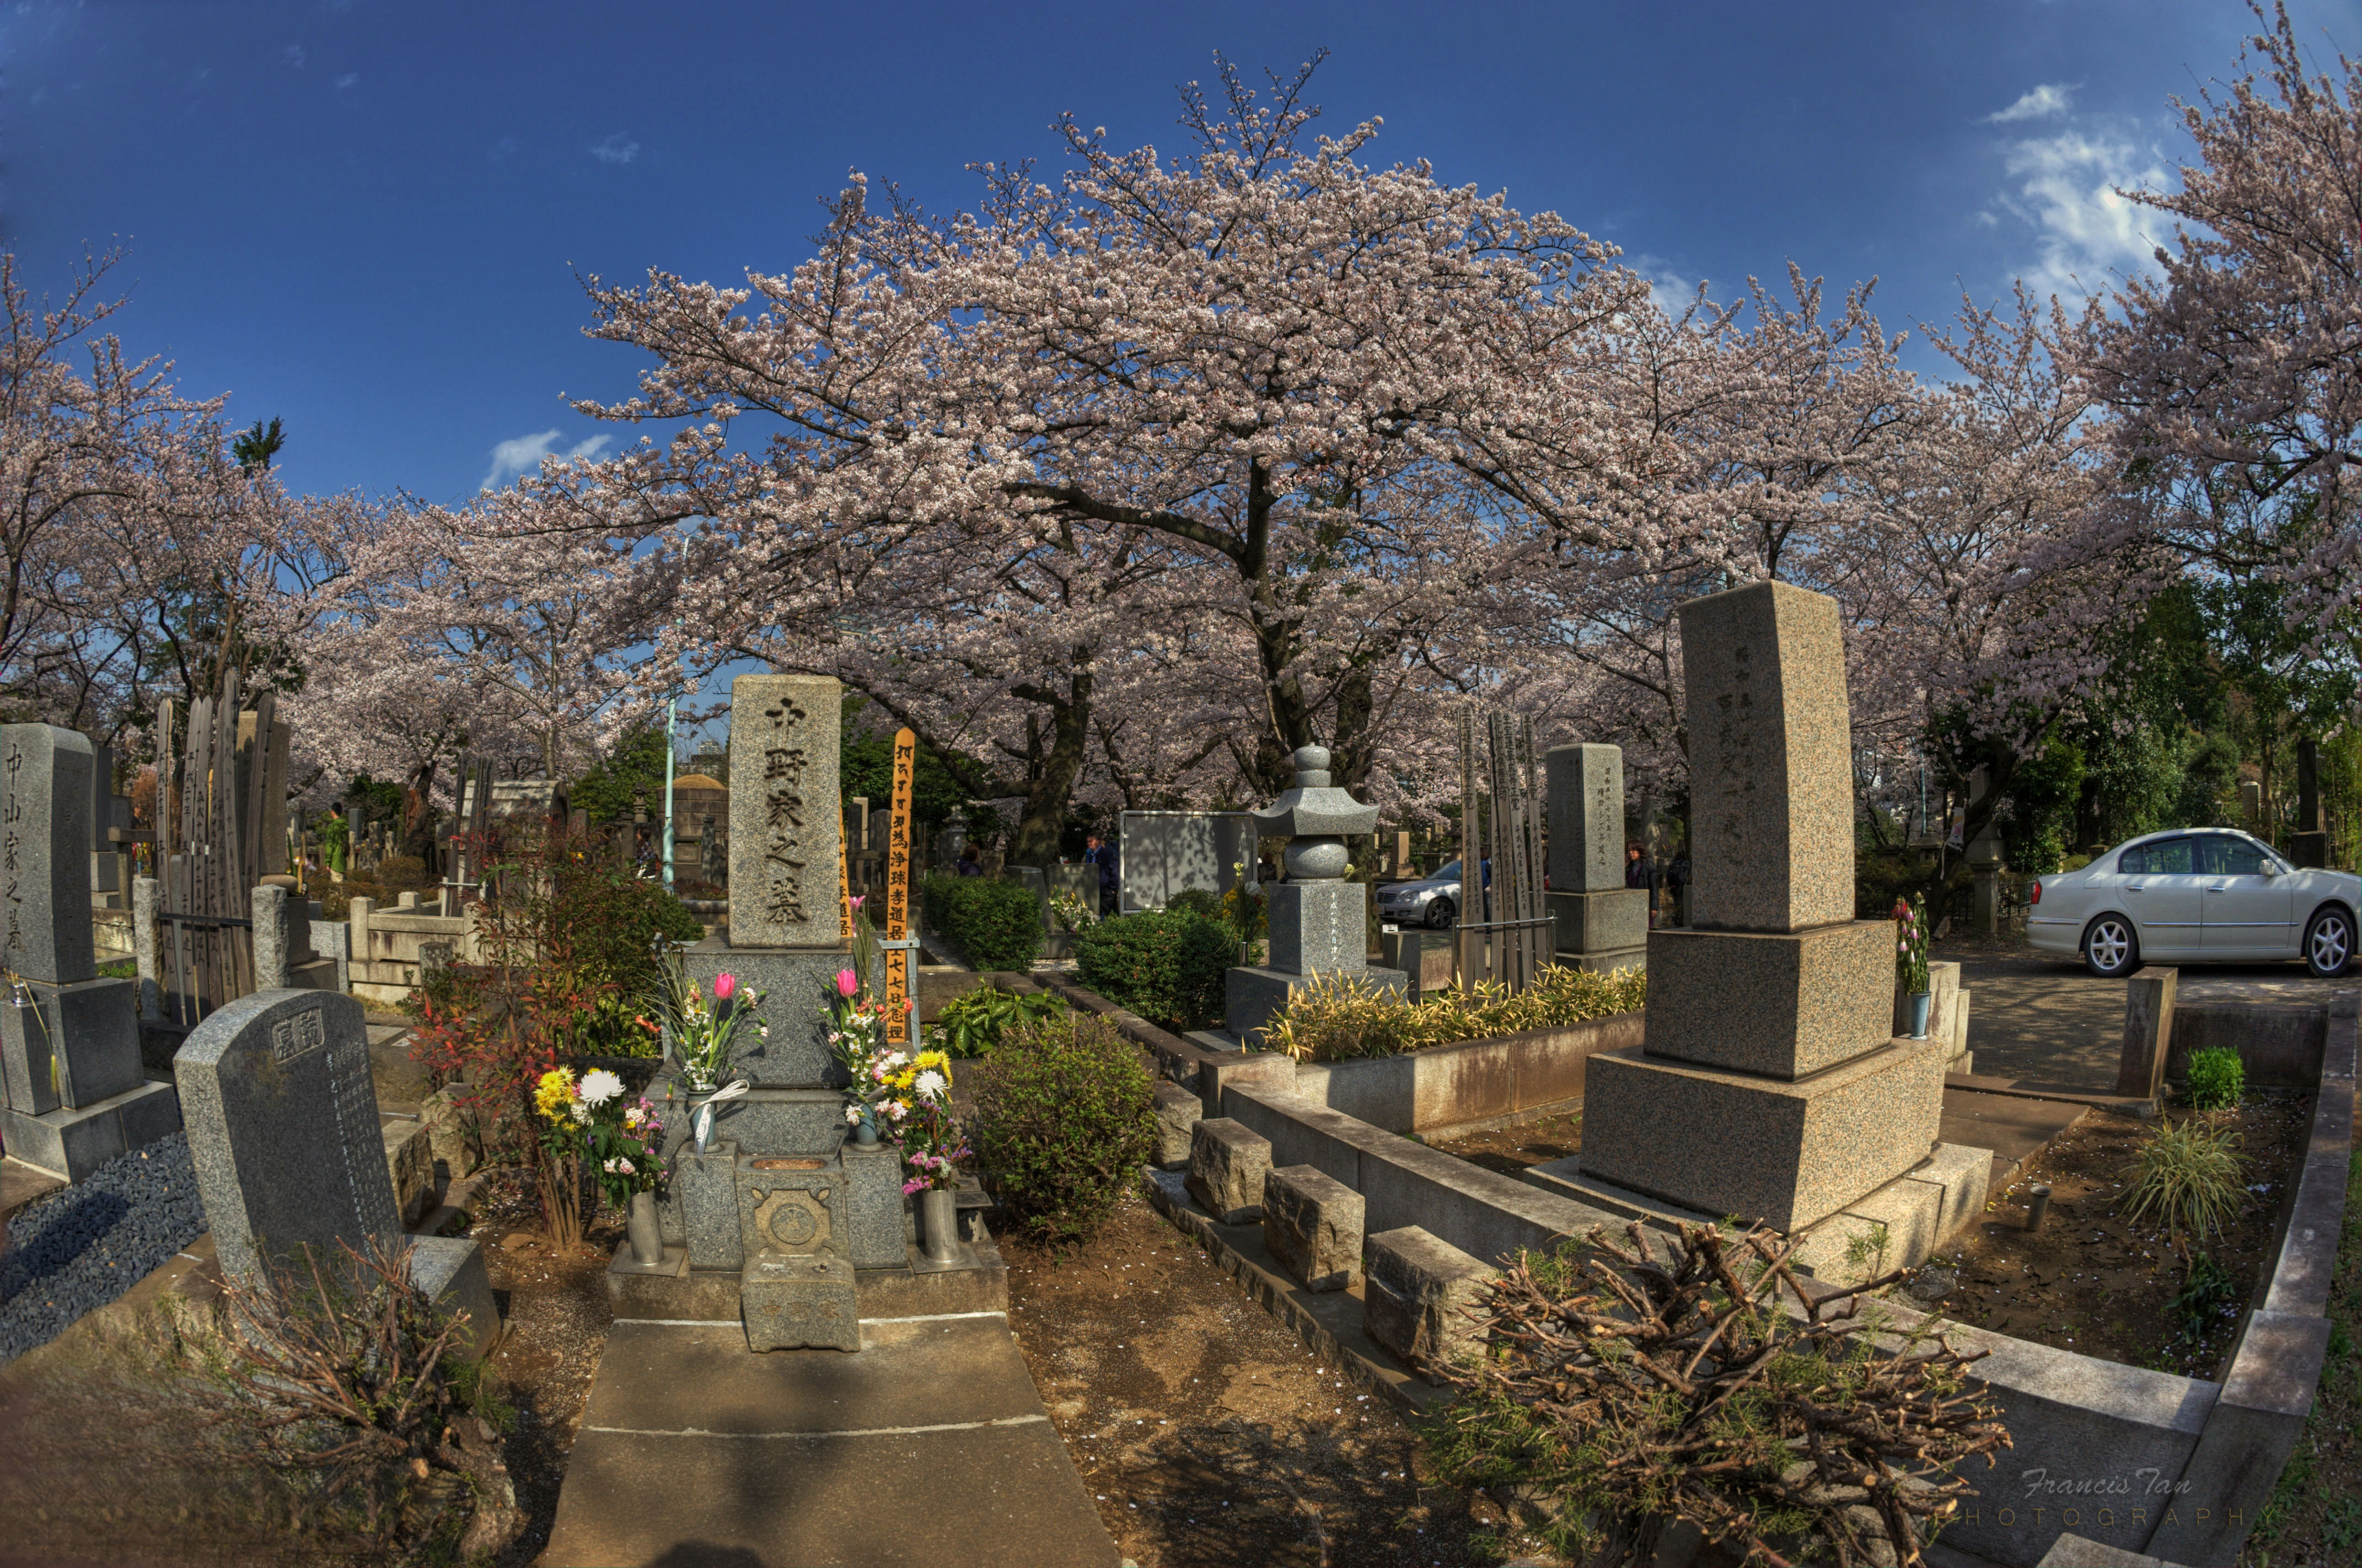 Wallpaper : Japan, landscape, flowers, garden, HDR, cherry blossom ...